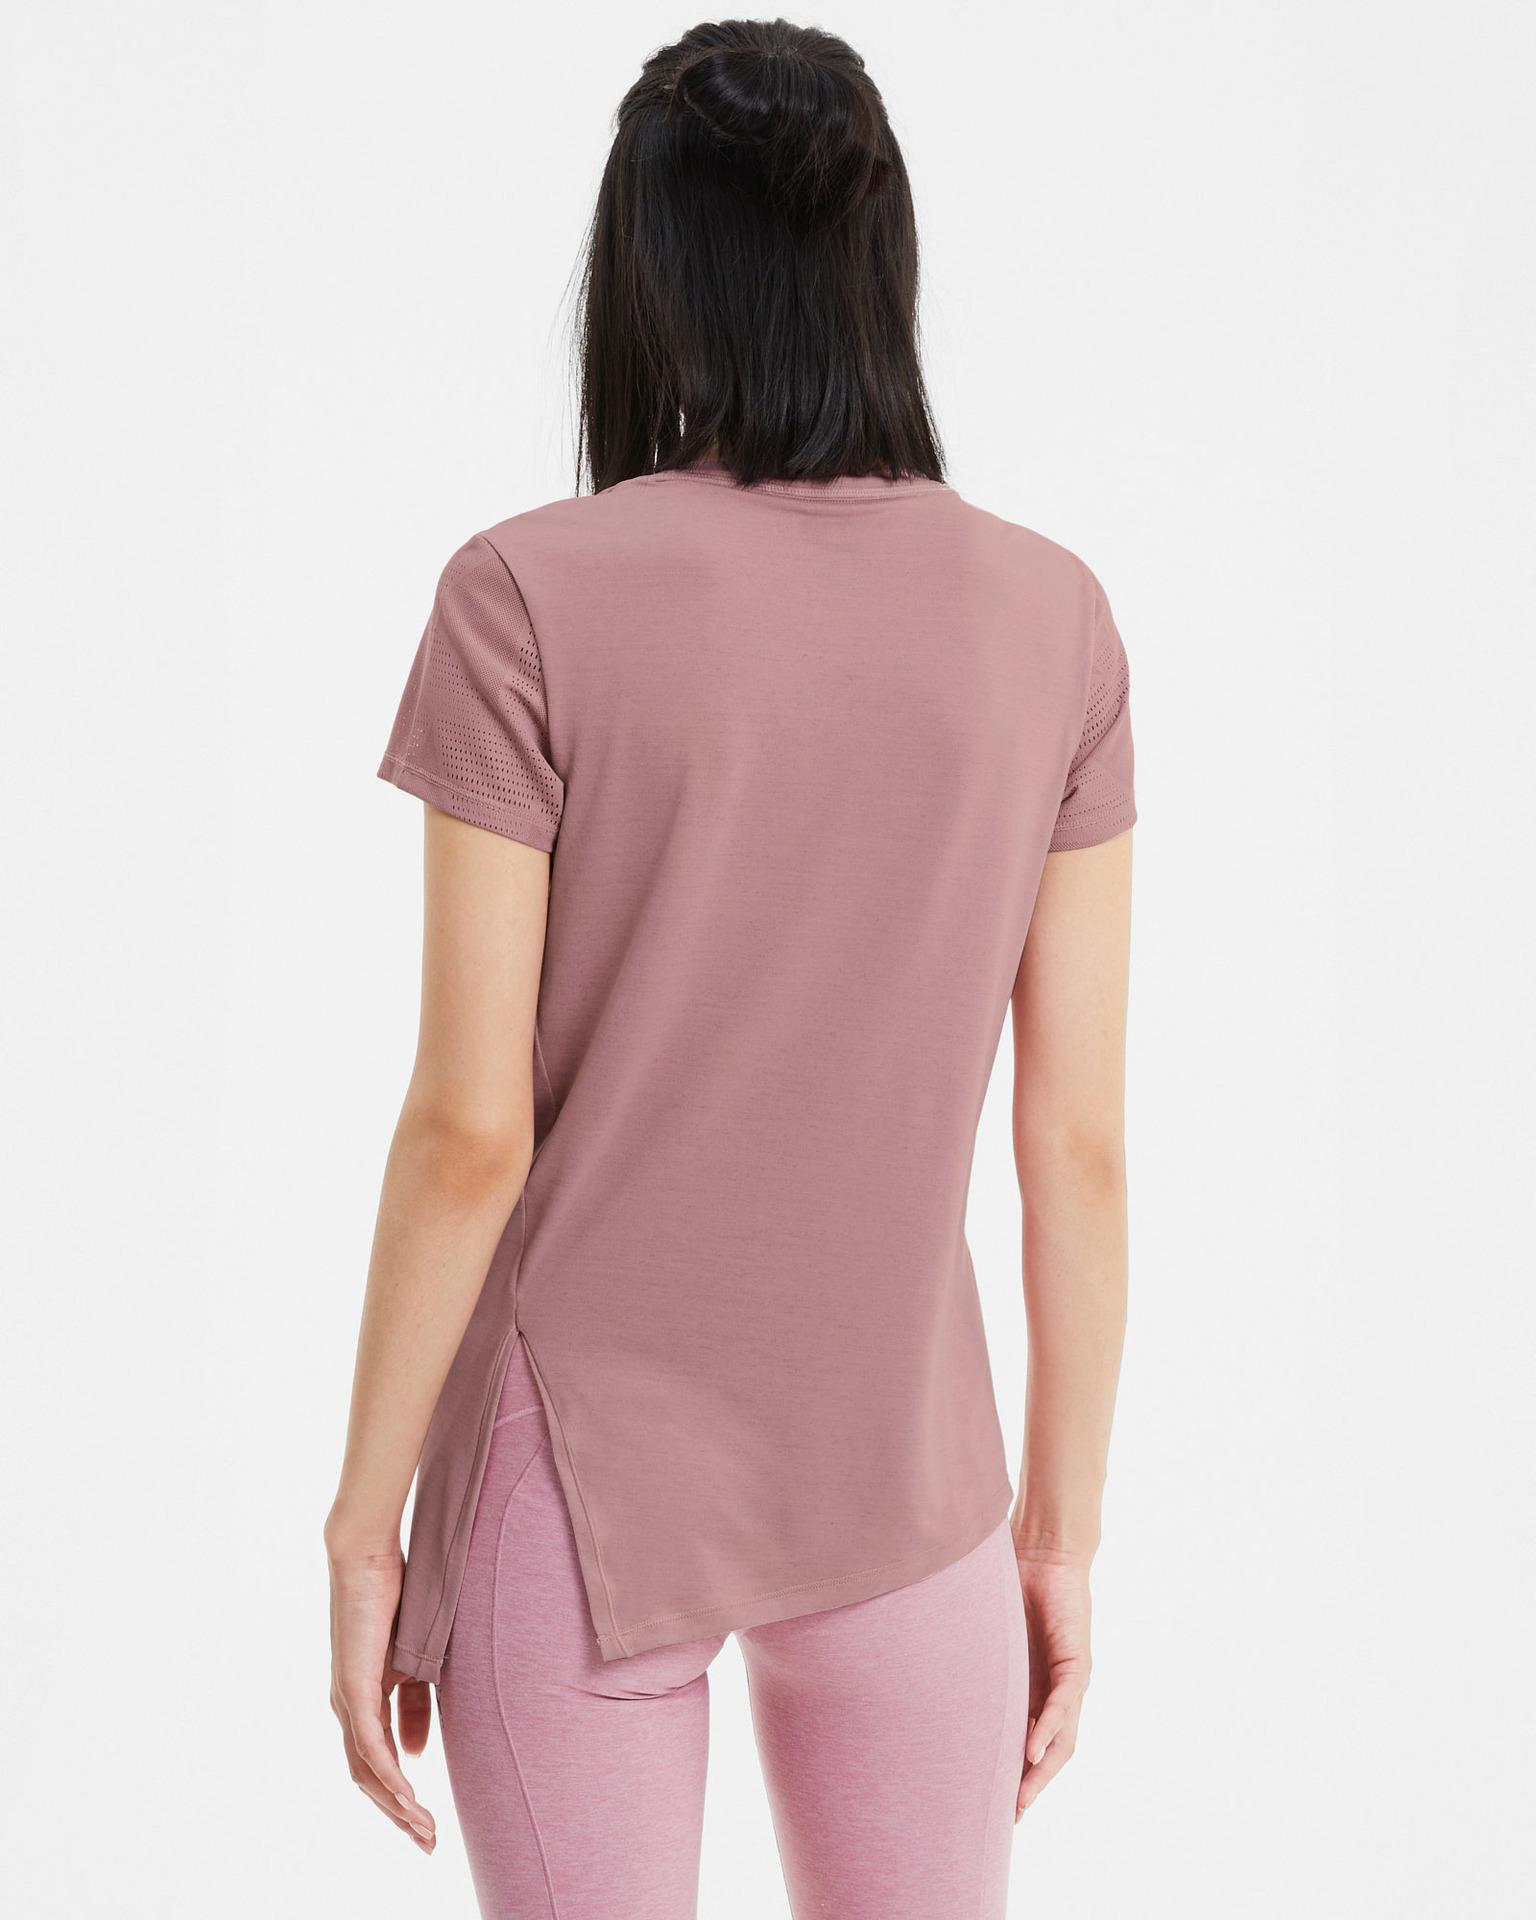 Puma Maglietta donna rosa  Lace